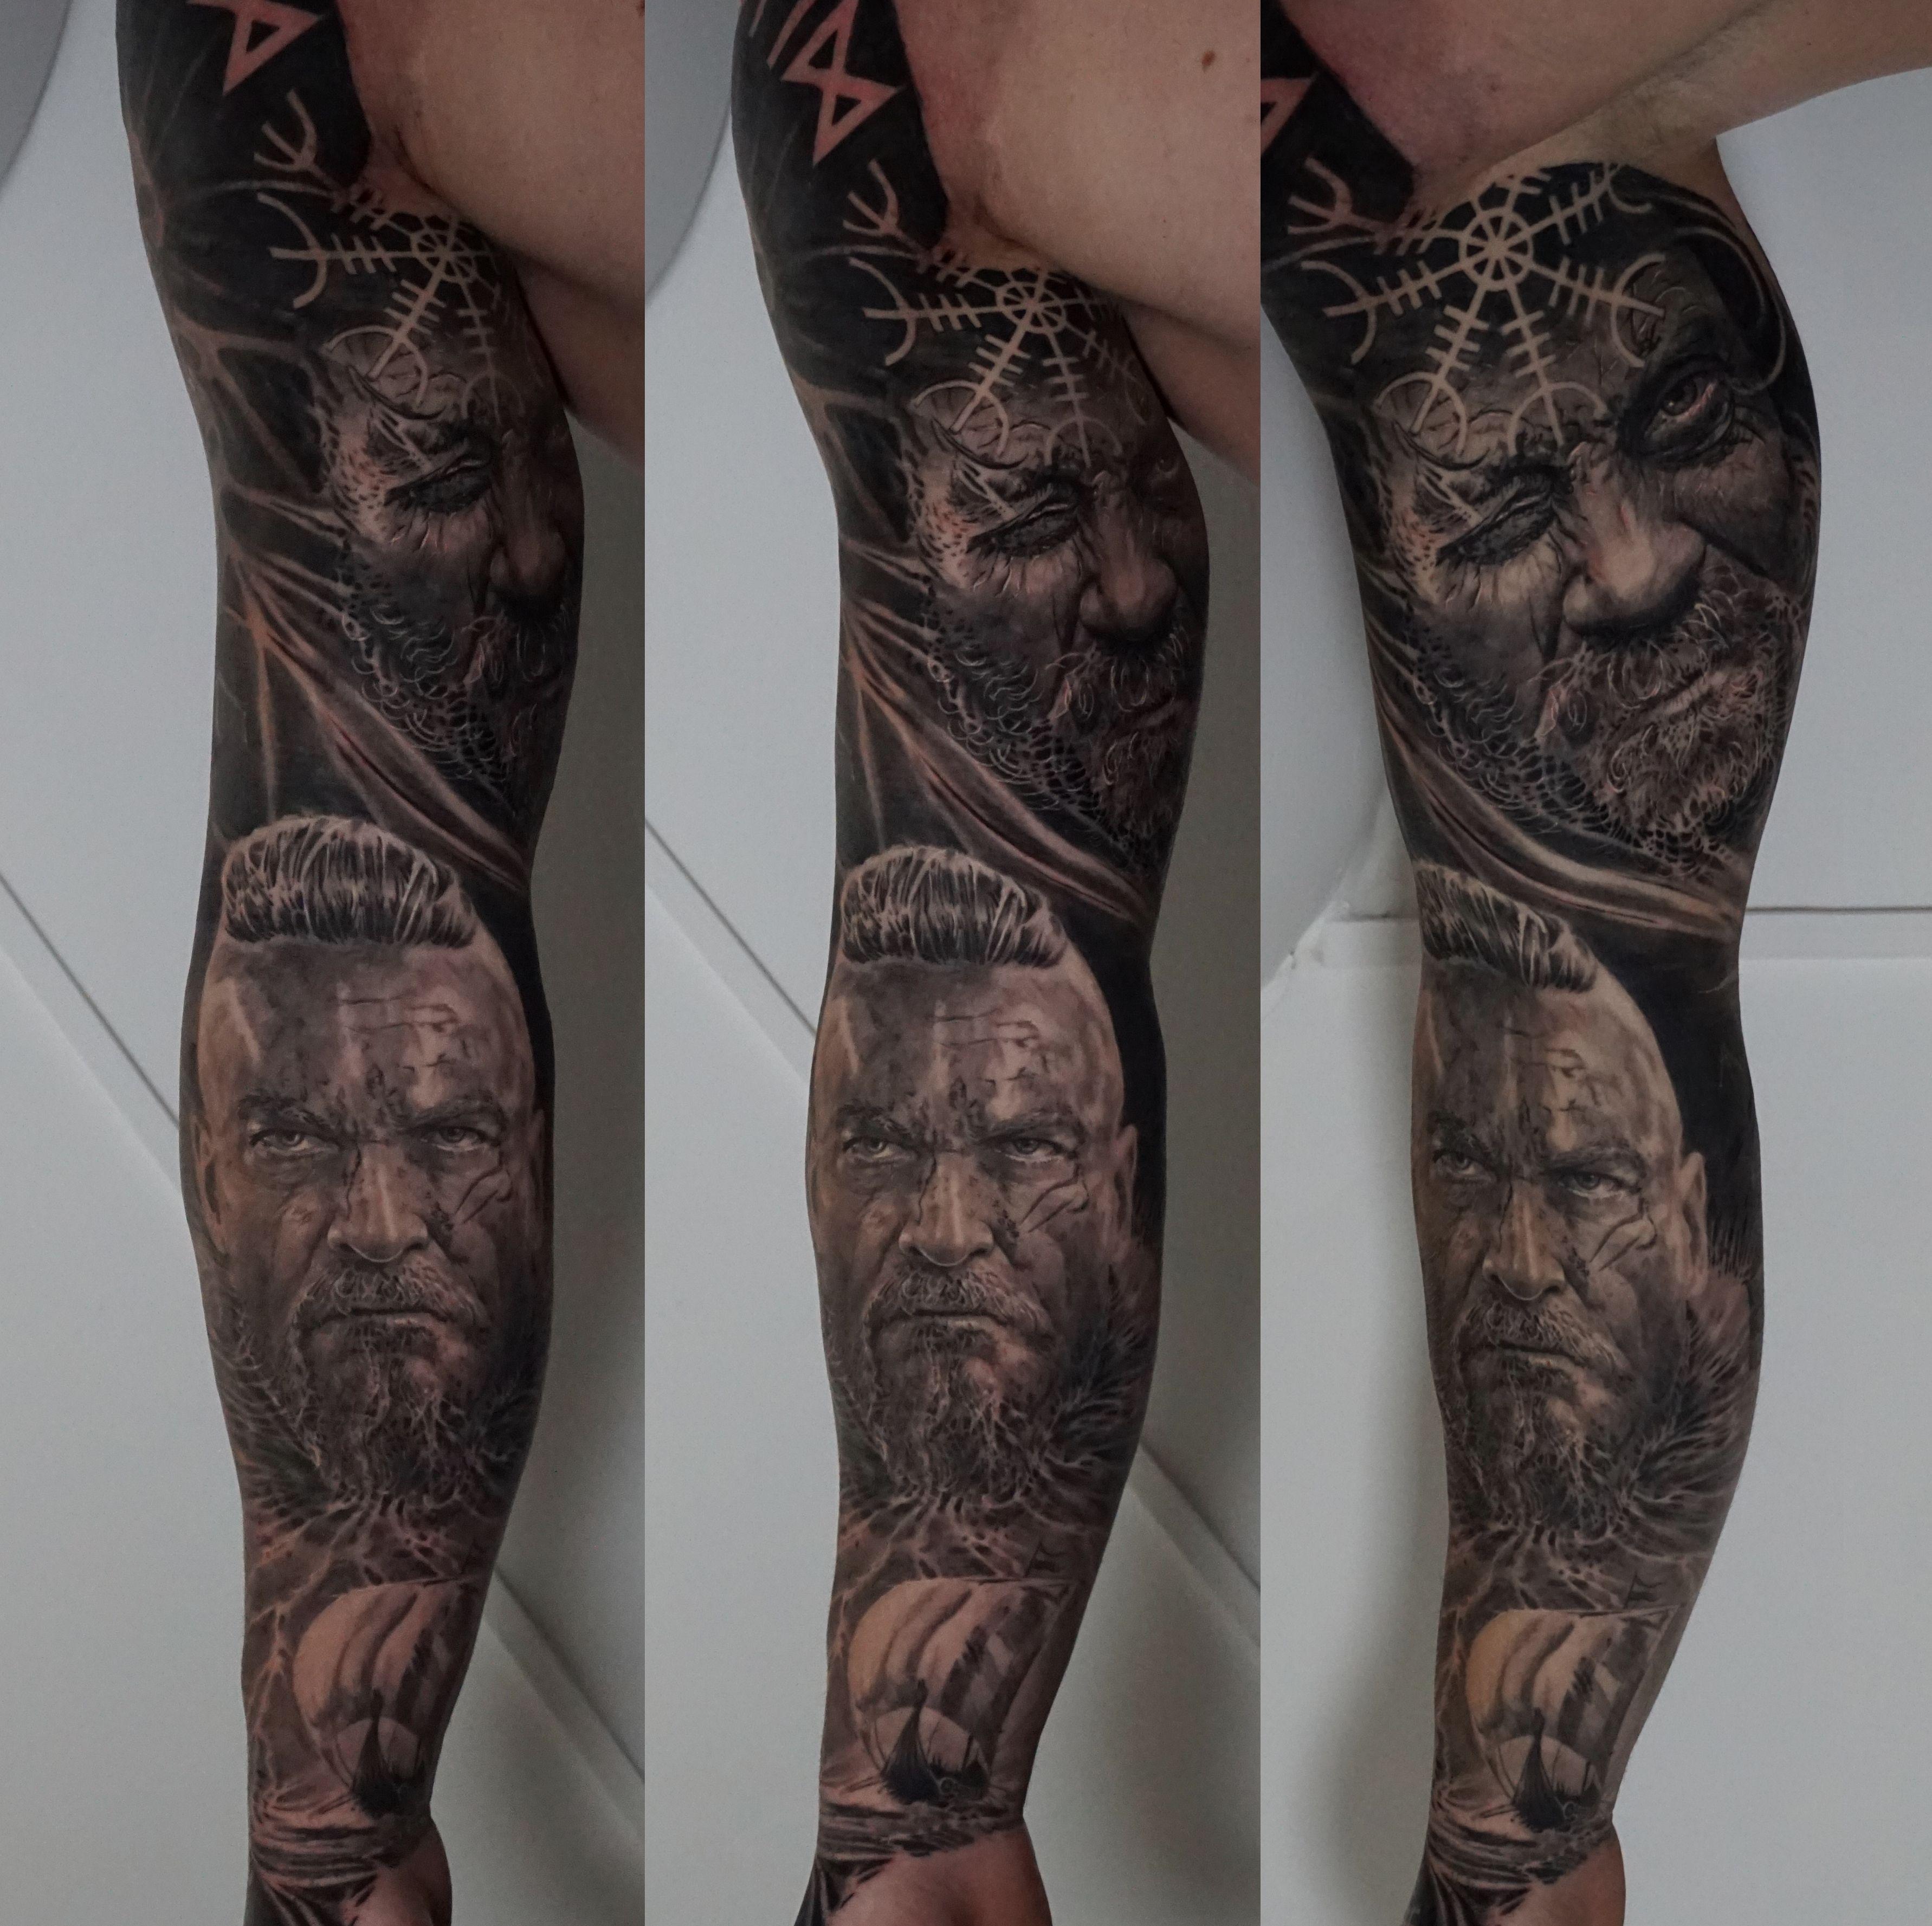 Viking Full Sleeve Black And Grey Tattoos Best Sleeve Tattoos Tattoos